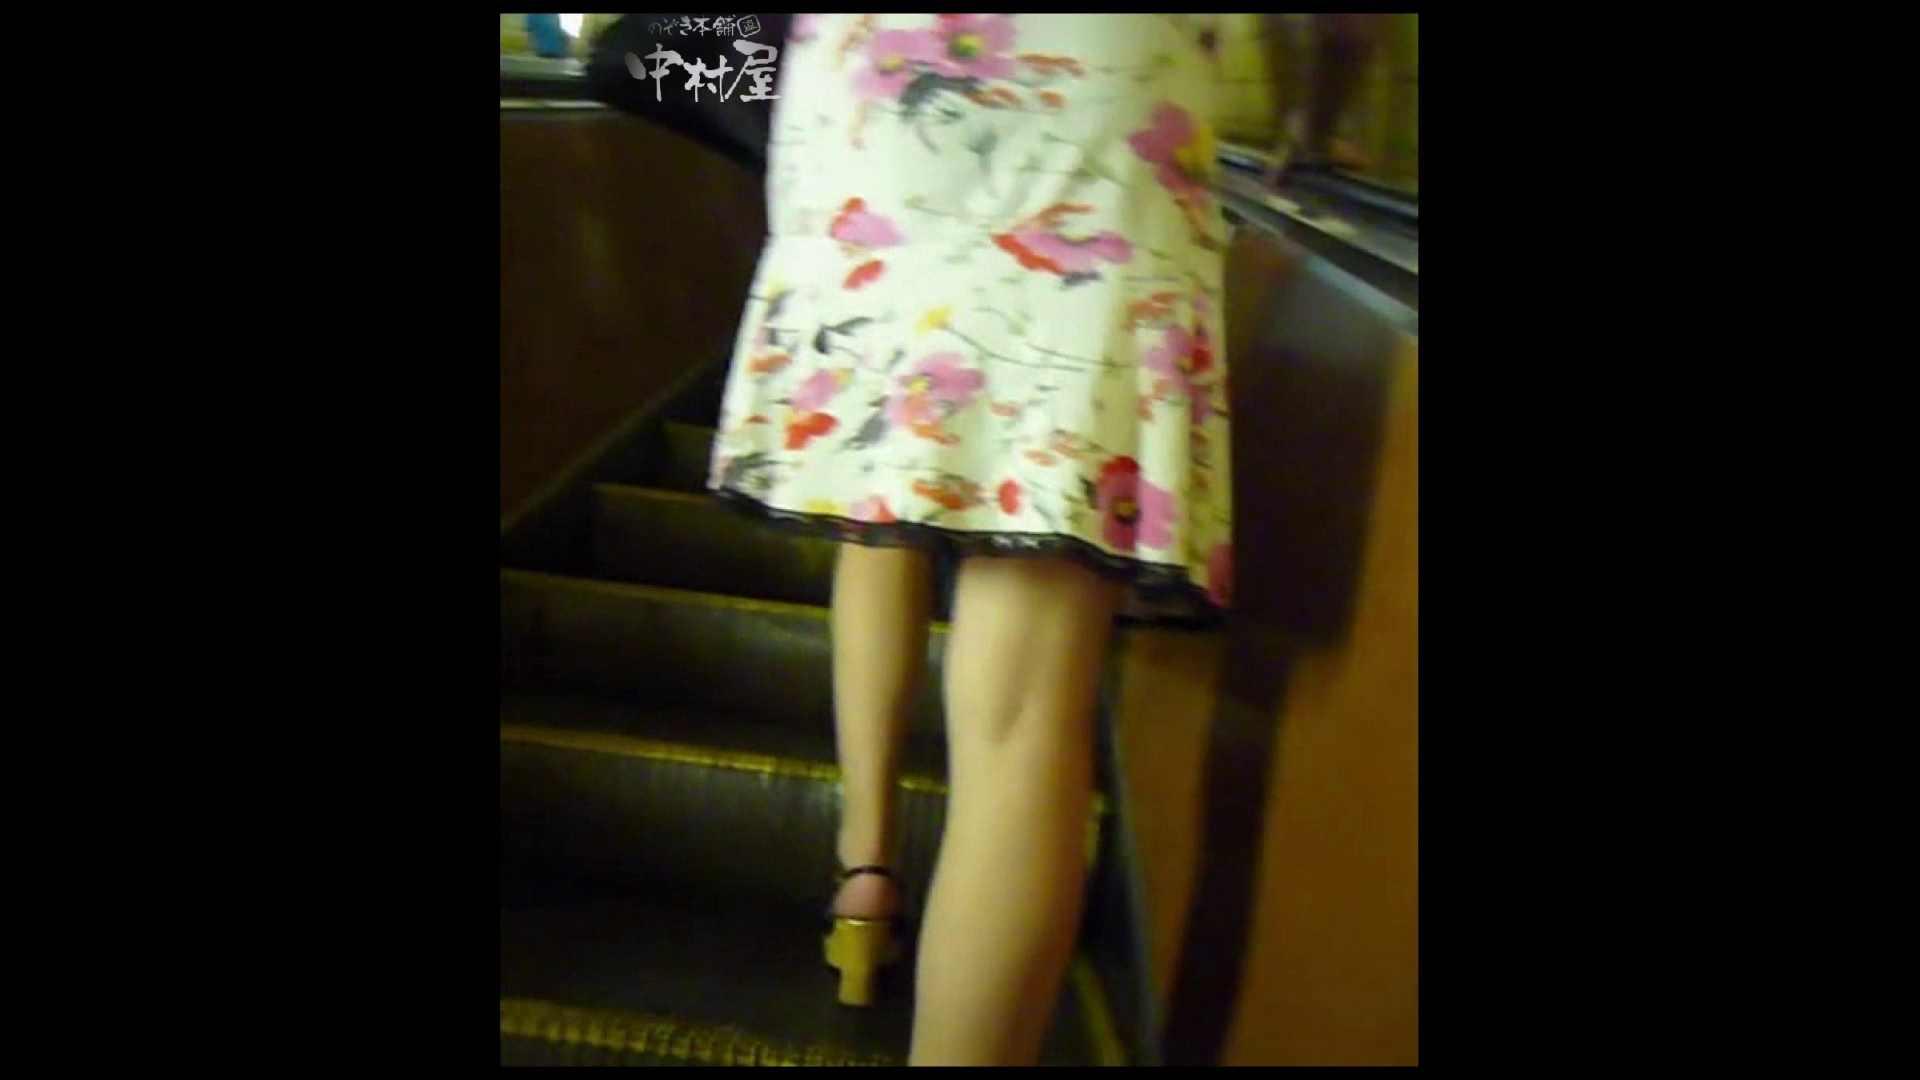 綺麗なモデルさんのスカート捲っちゃおう‼ vol29 OLのエロ生活  83連発 69